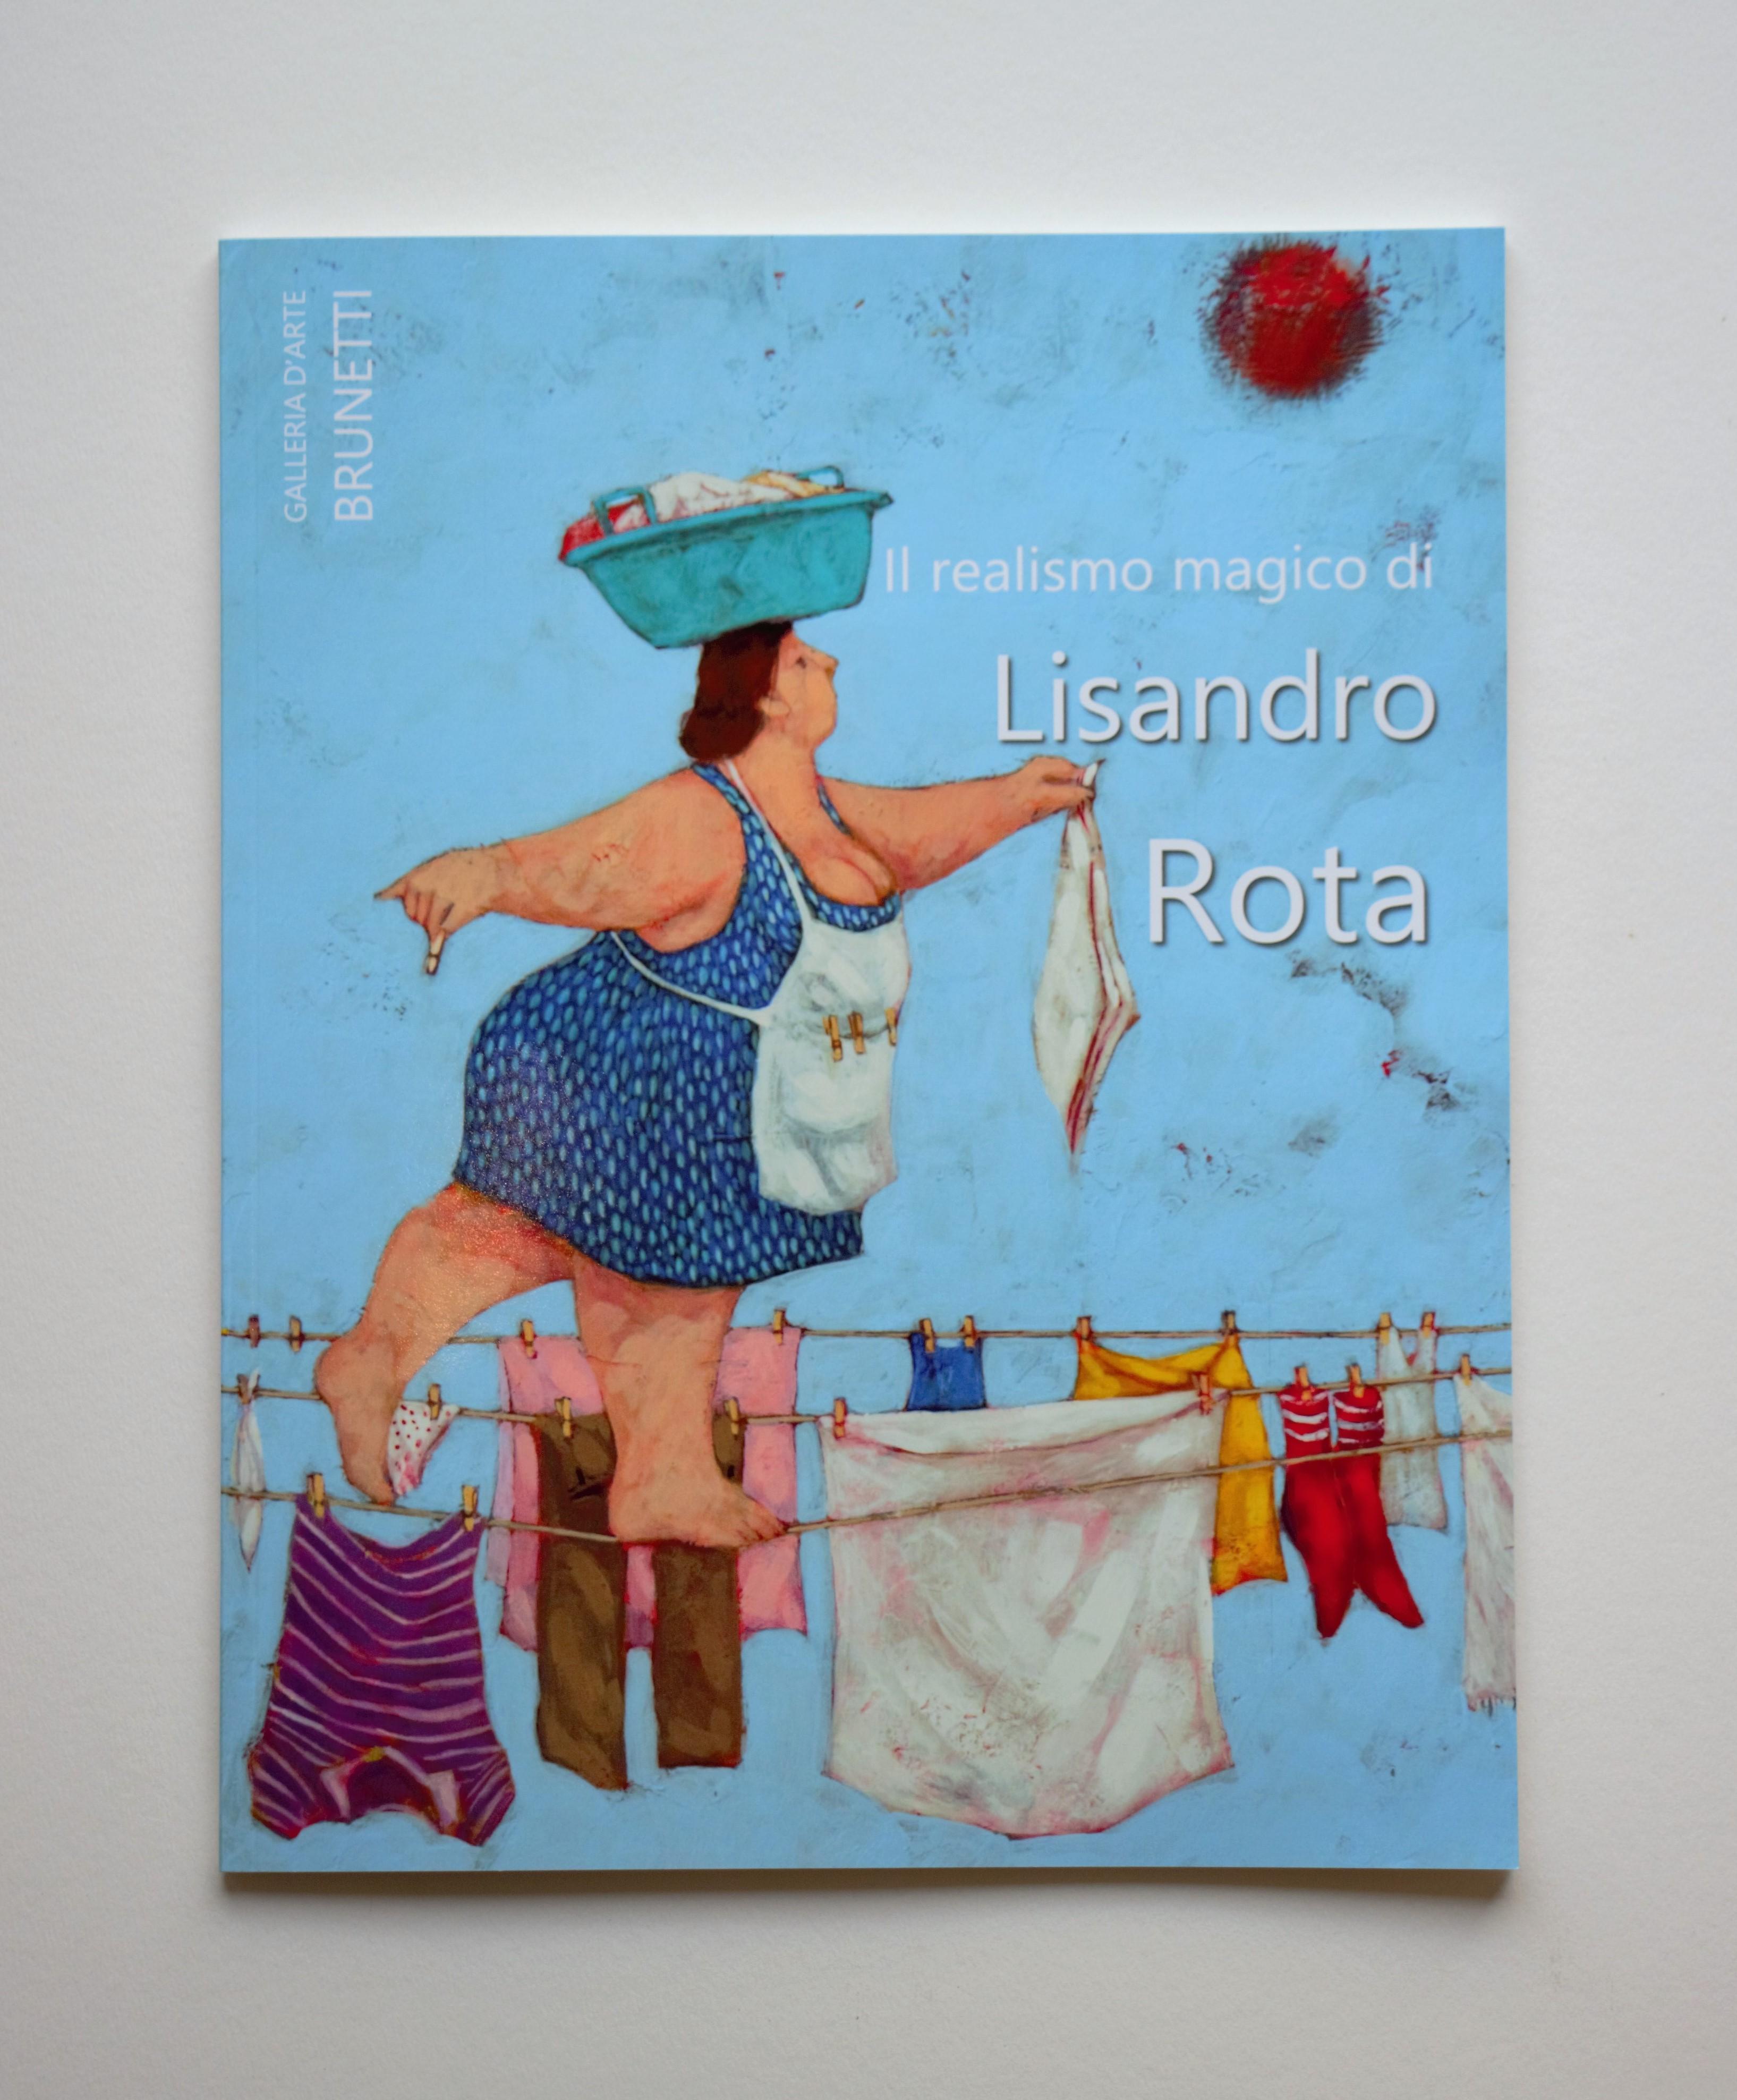 """""""Il realismo magico di Lisandro Rota """" pagine 55  cm. 29x23"""